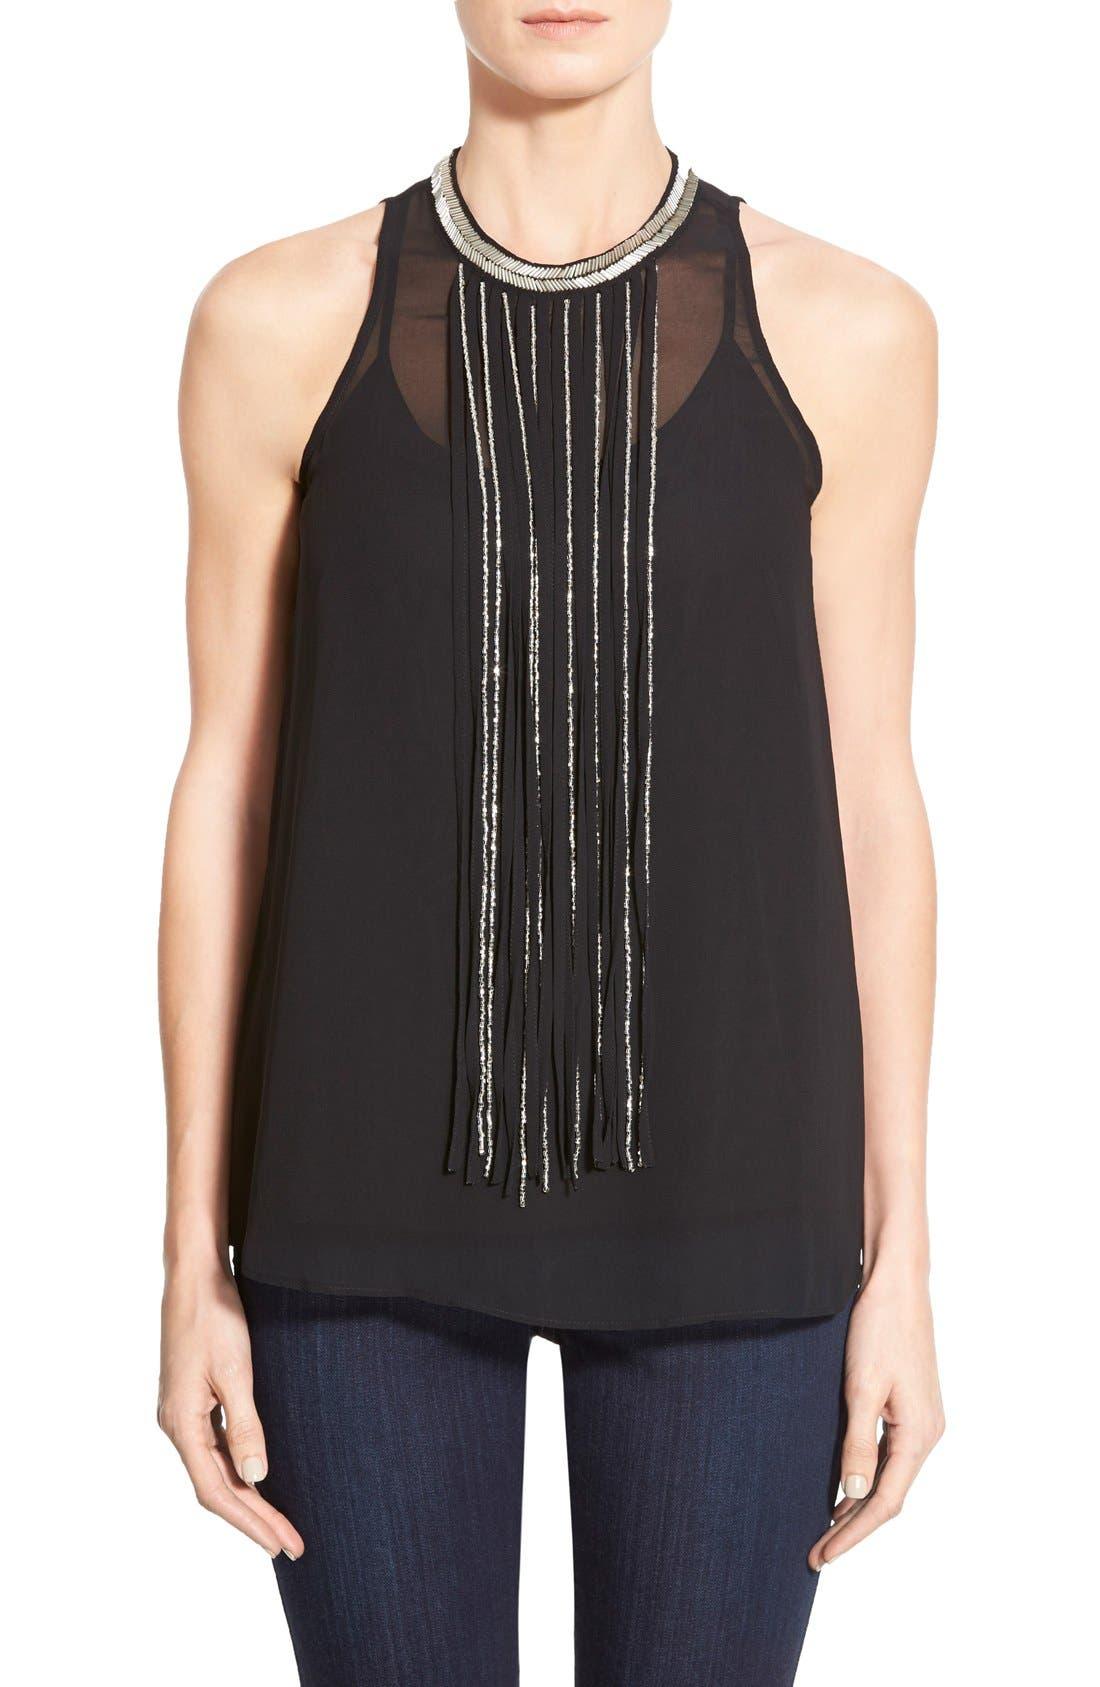 Alternate Image 1 Selected - DKNYC Embellished Fringe Sleeveless Chiffon Top